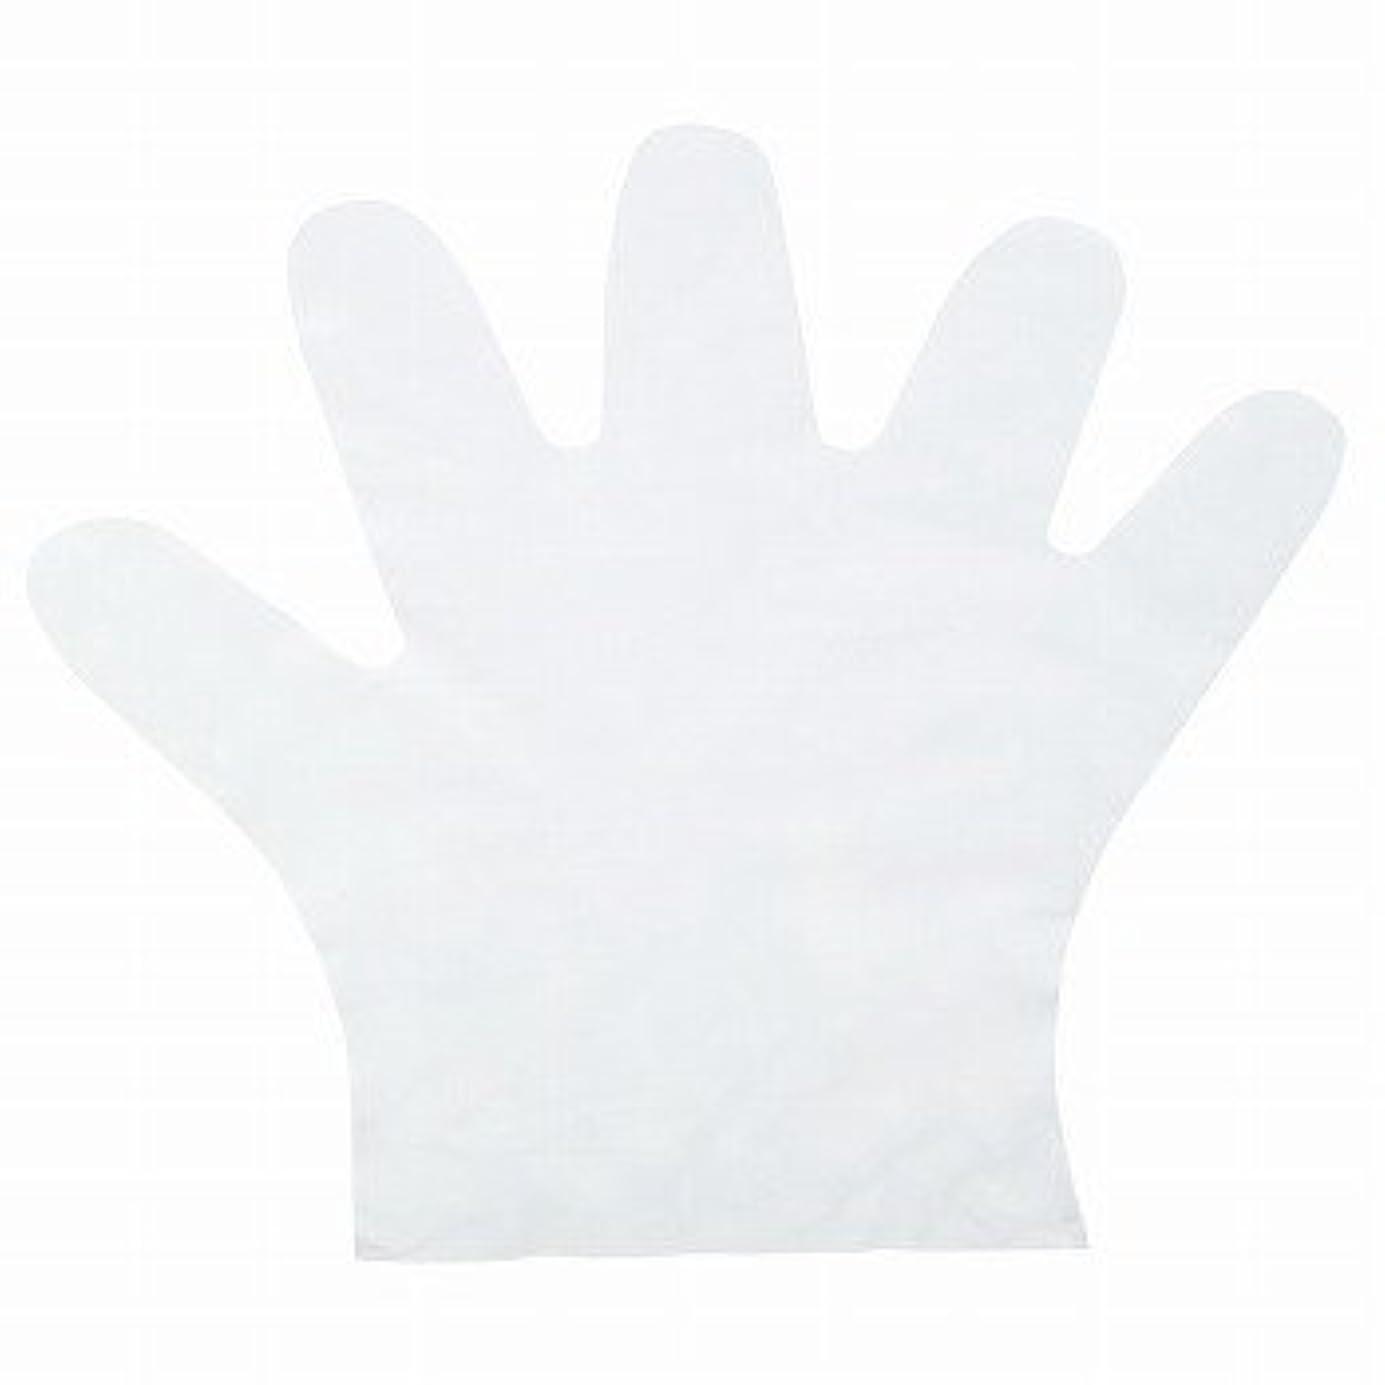 テレックス警告する加害者おたふく手袋/ポリエチディスポ(LD) [100枚入]/品番:248 サイズ:S